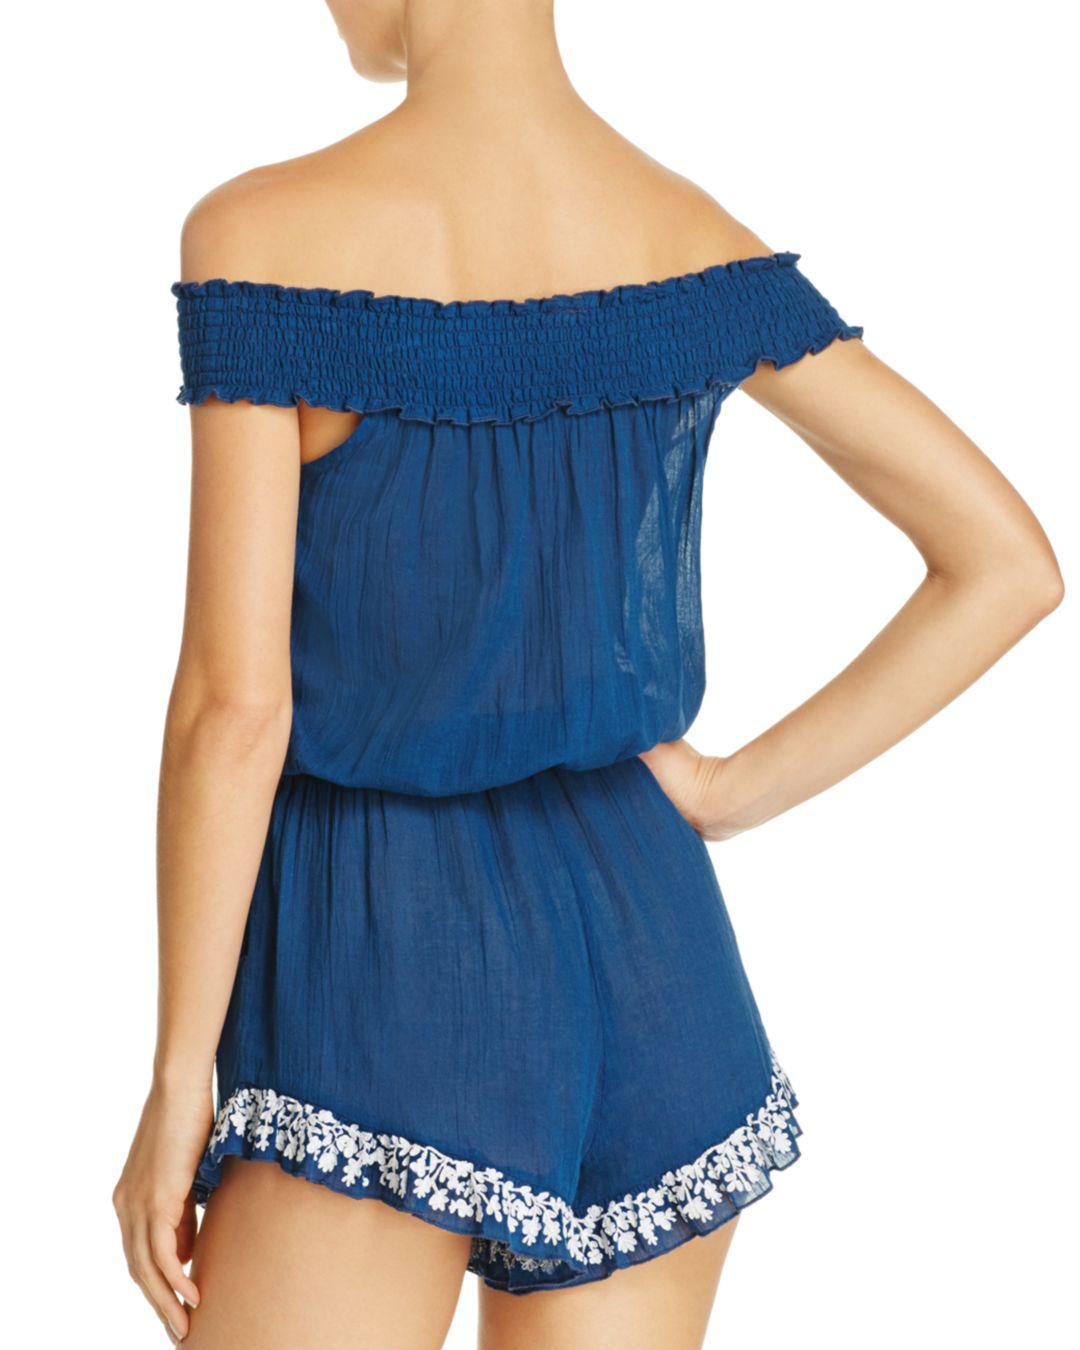 fd33c749d83df Lyst - Lucky Brand Stitch In Time Romper Swim Cover-up in Blue